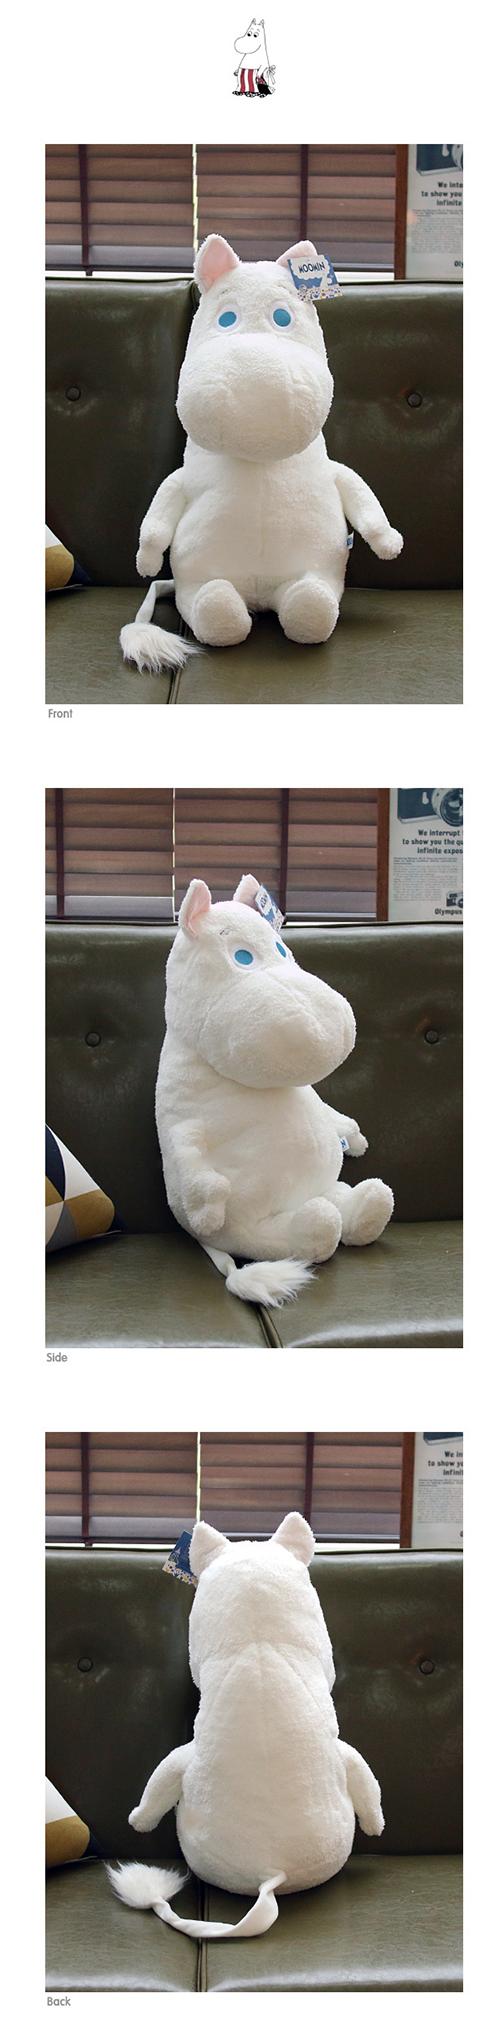 Moomin-di-Peluche-Acquisto-Online-Oggettistica-Coreana-Dosoguan-Bianco-Soffice-Mimun-Plush-Toy